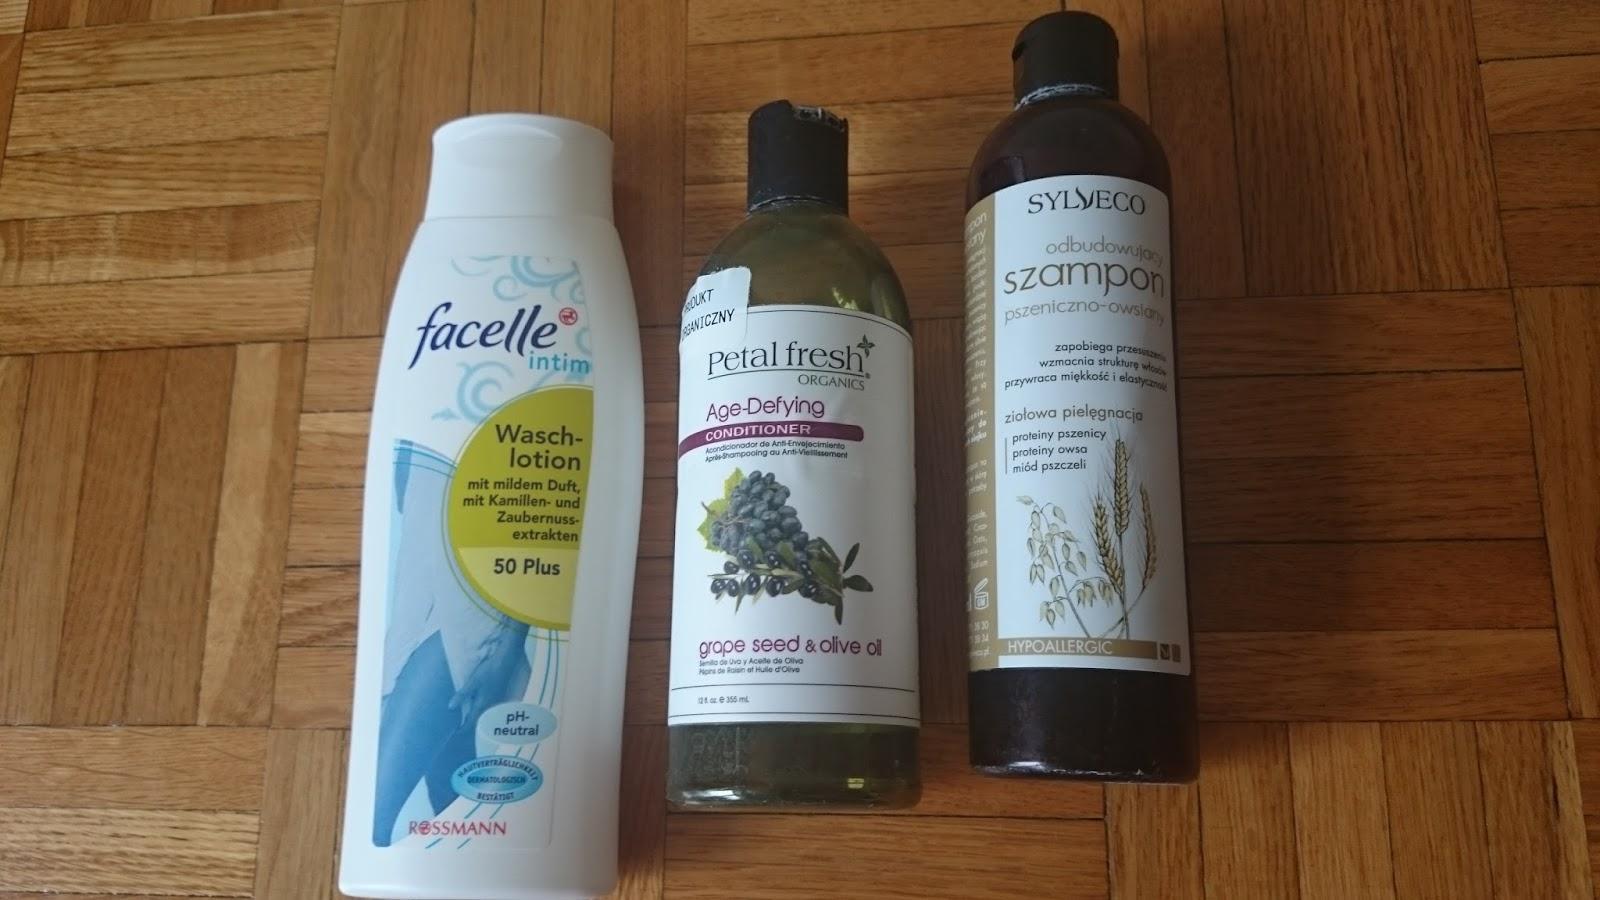 Facelle, Petal Fresh odżywka do włosów Age-Defying, Sylveco szampon pszeniczno-owsiany